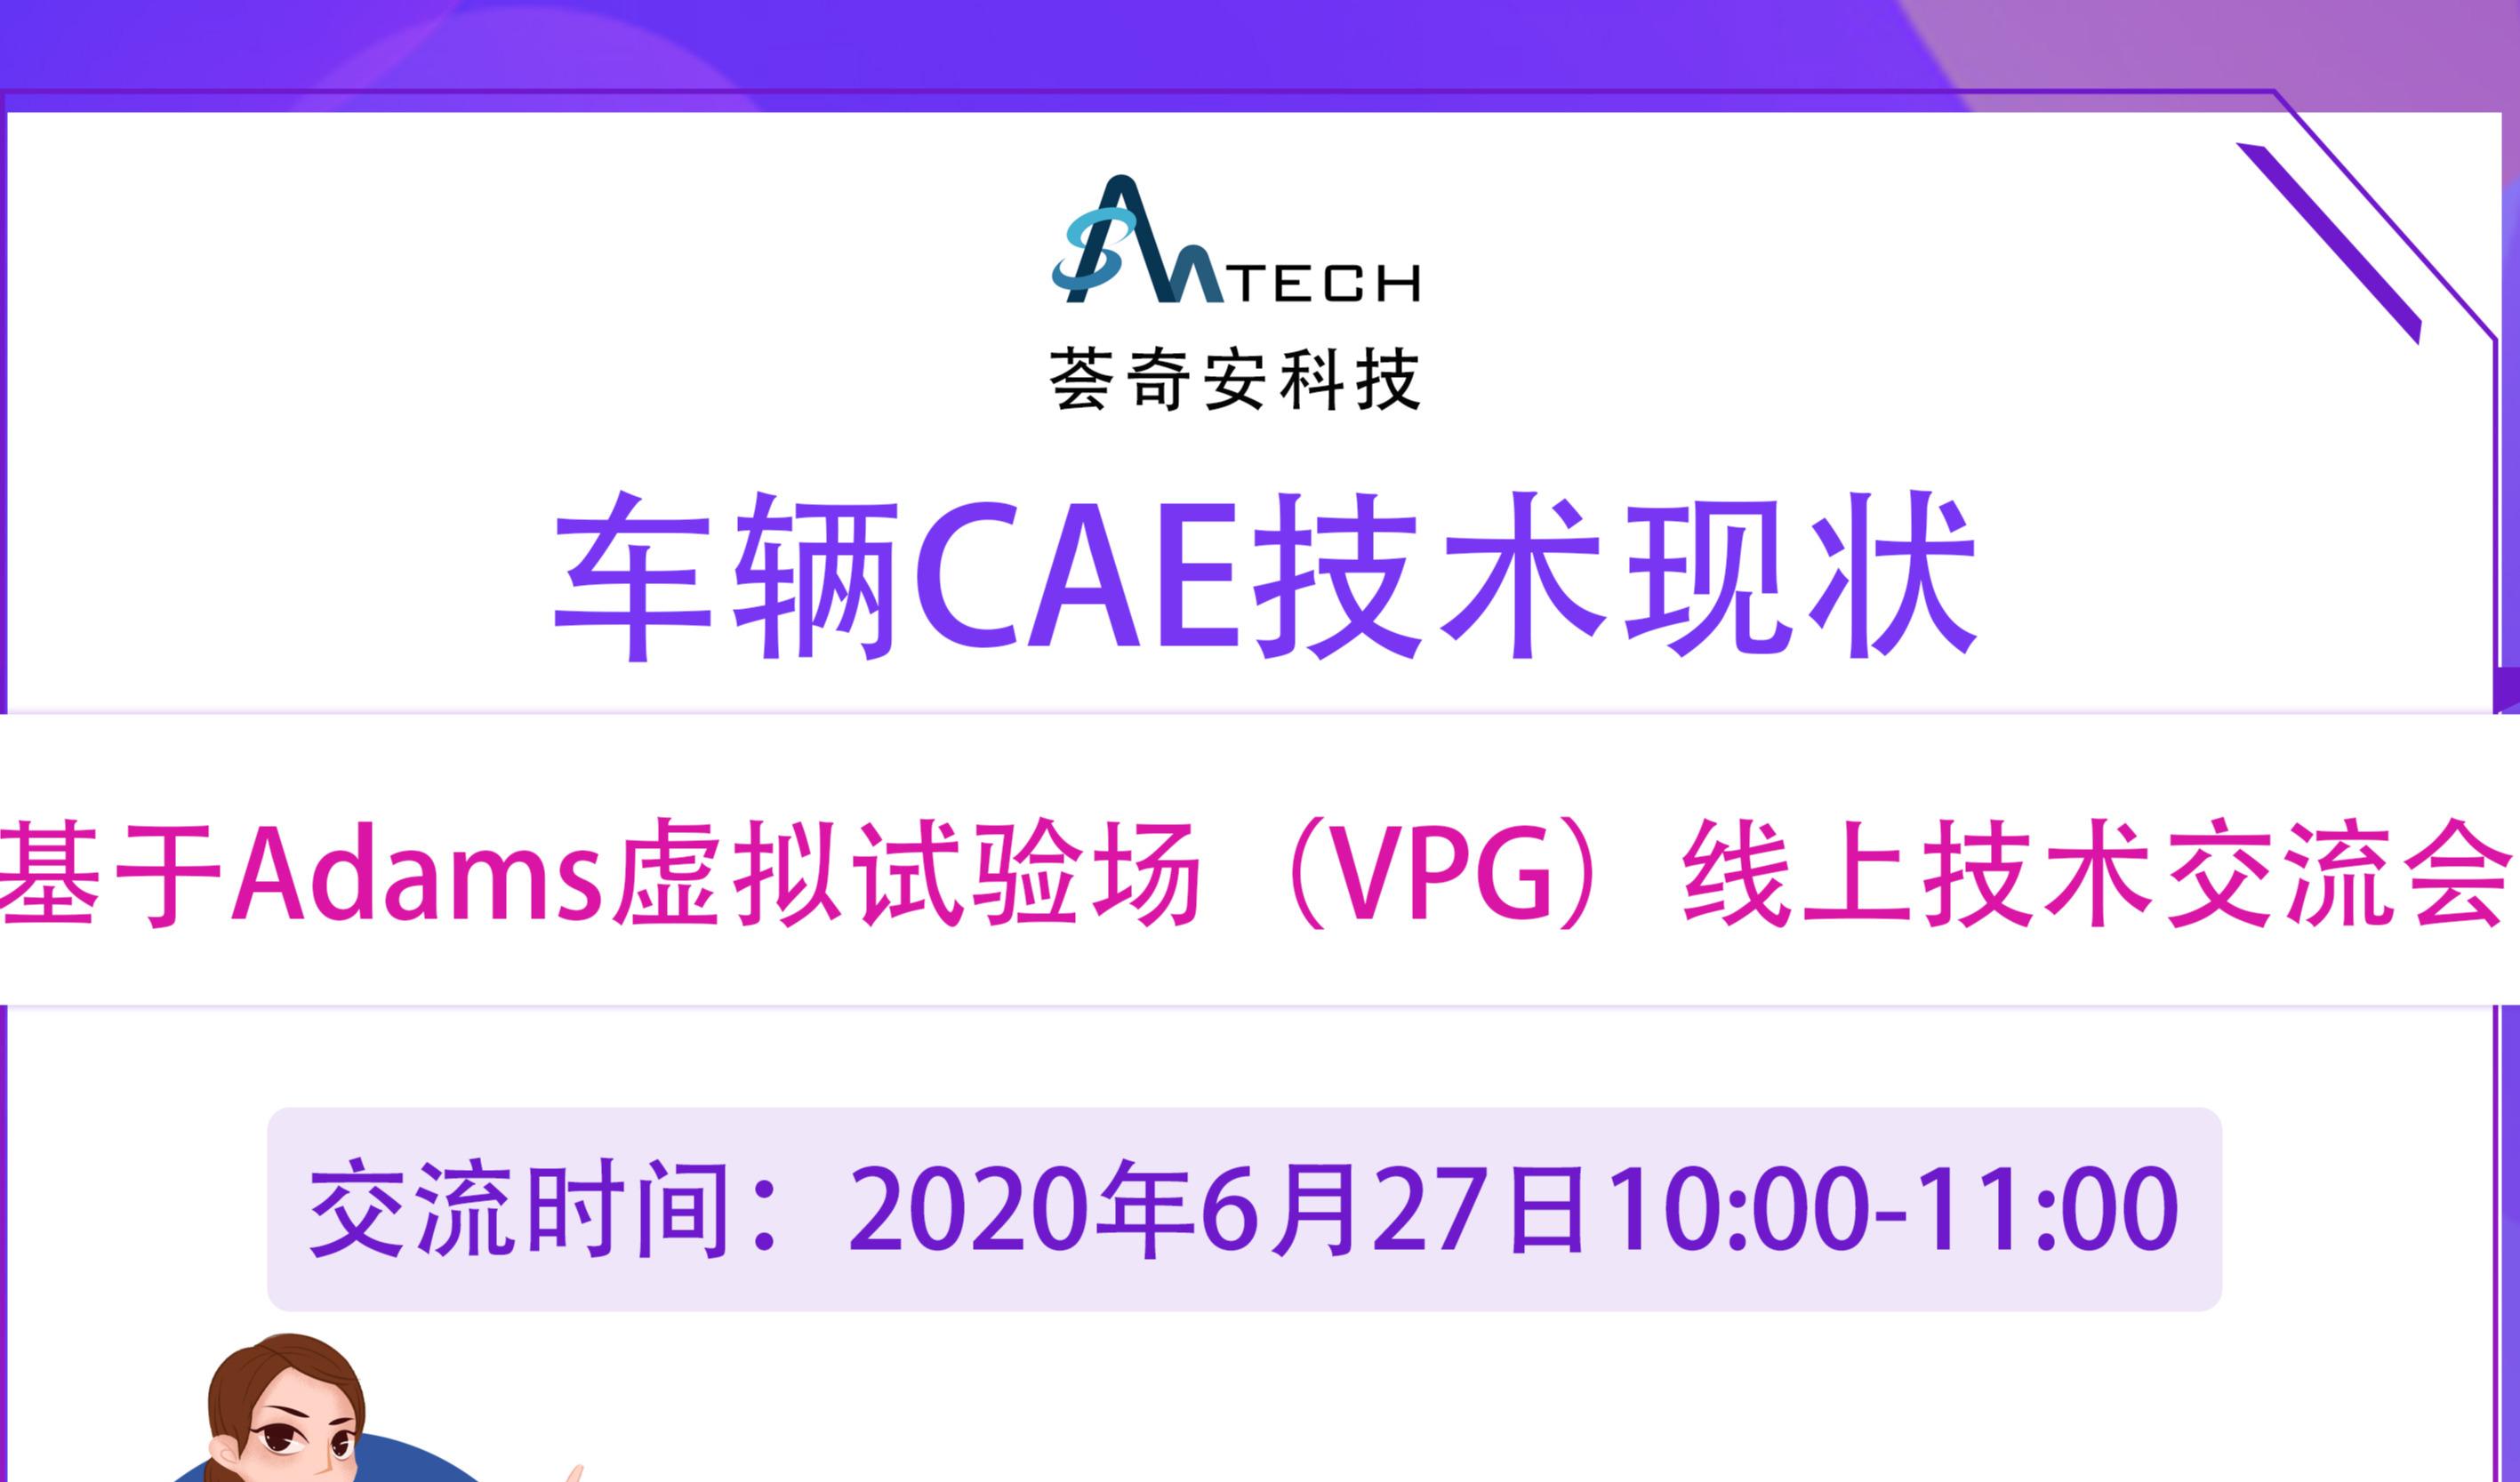 车辆CAE技术现状-基于Adams虚拟试验场(VPG)线上技术交流会